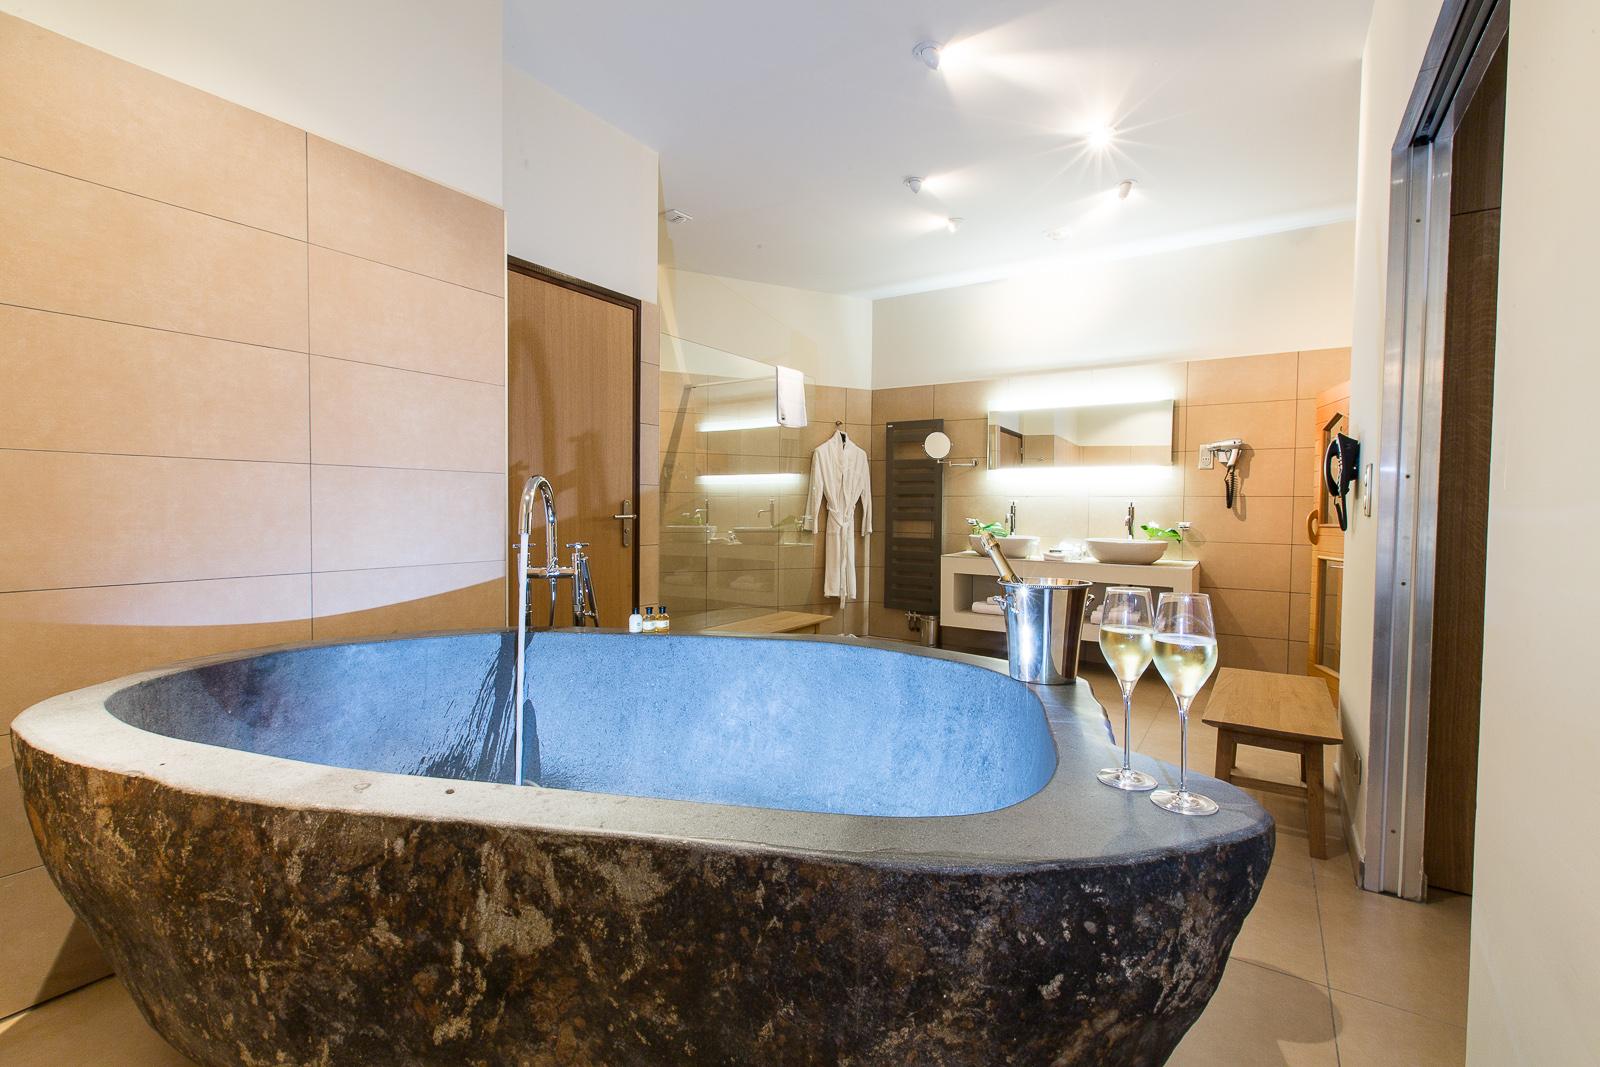 Hôtel Marotte - suite Sauna - baignoire